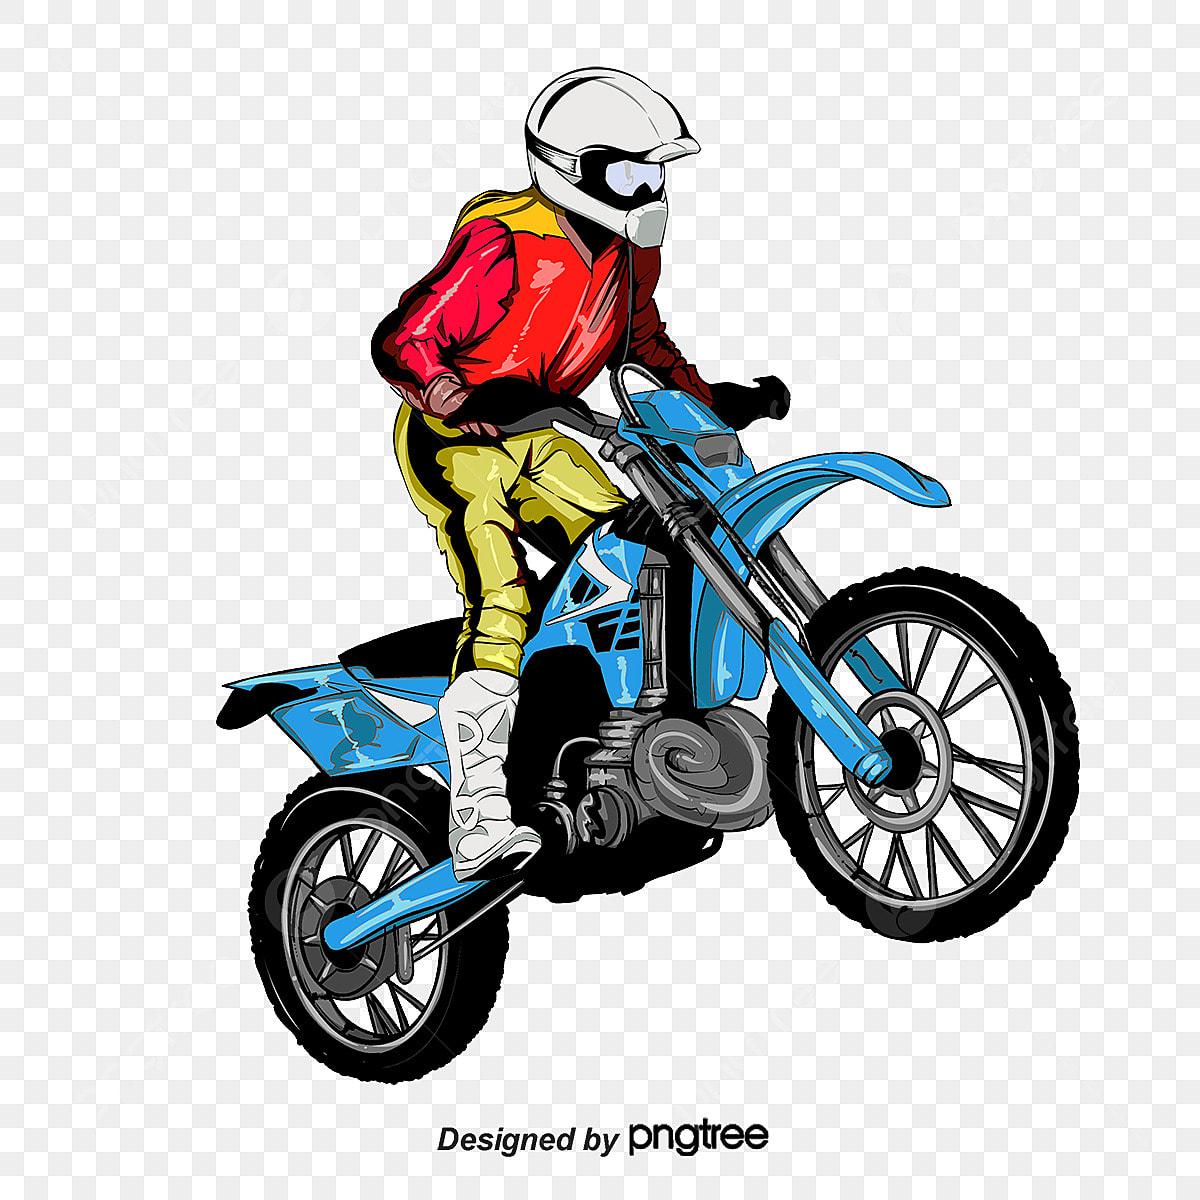 Corrida De Moto Desenhos Pintados A Mao Desenho De Meios De